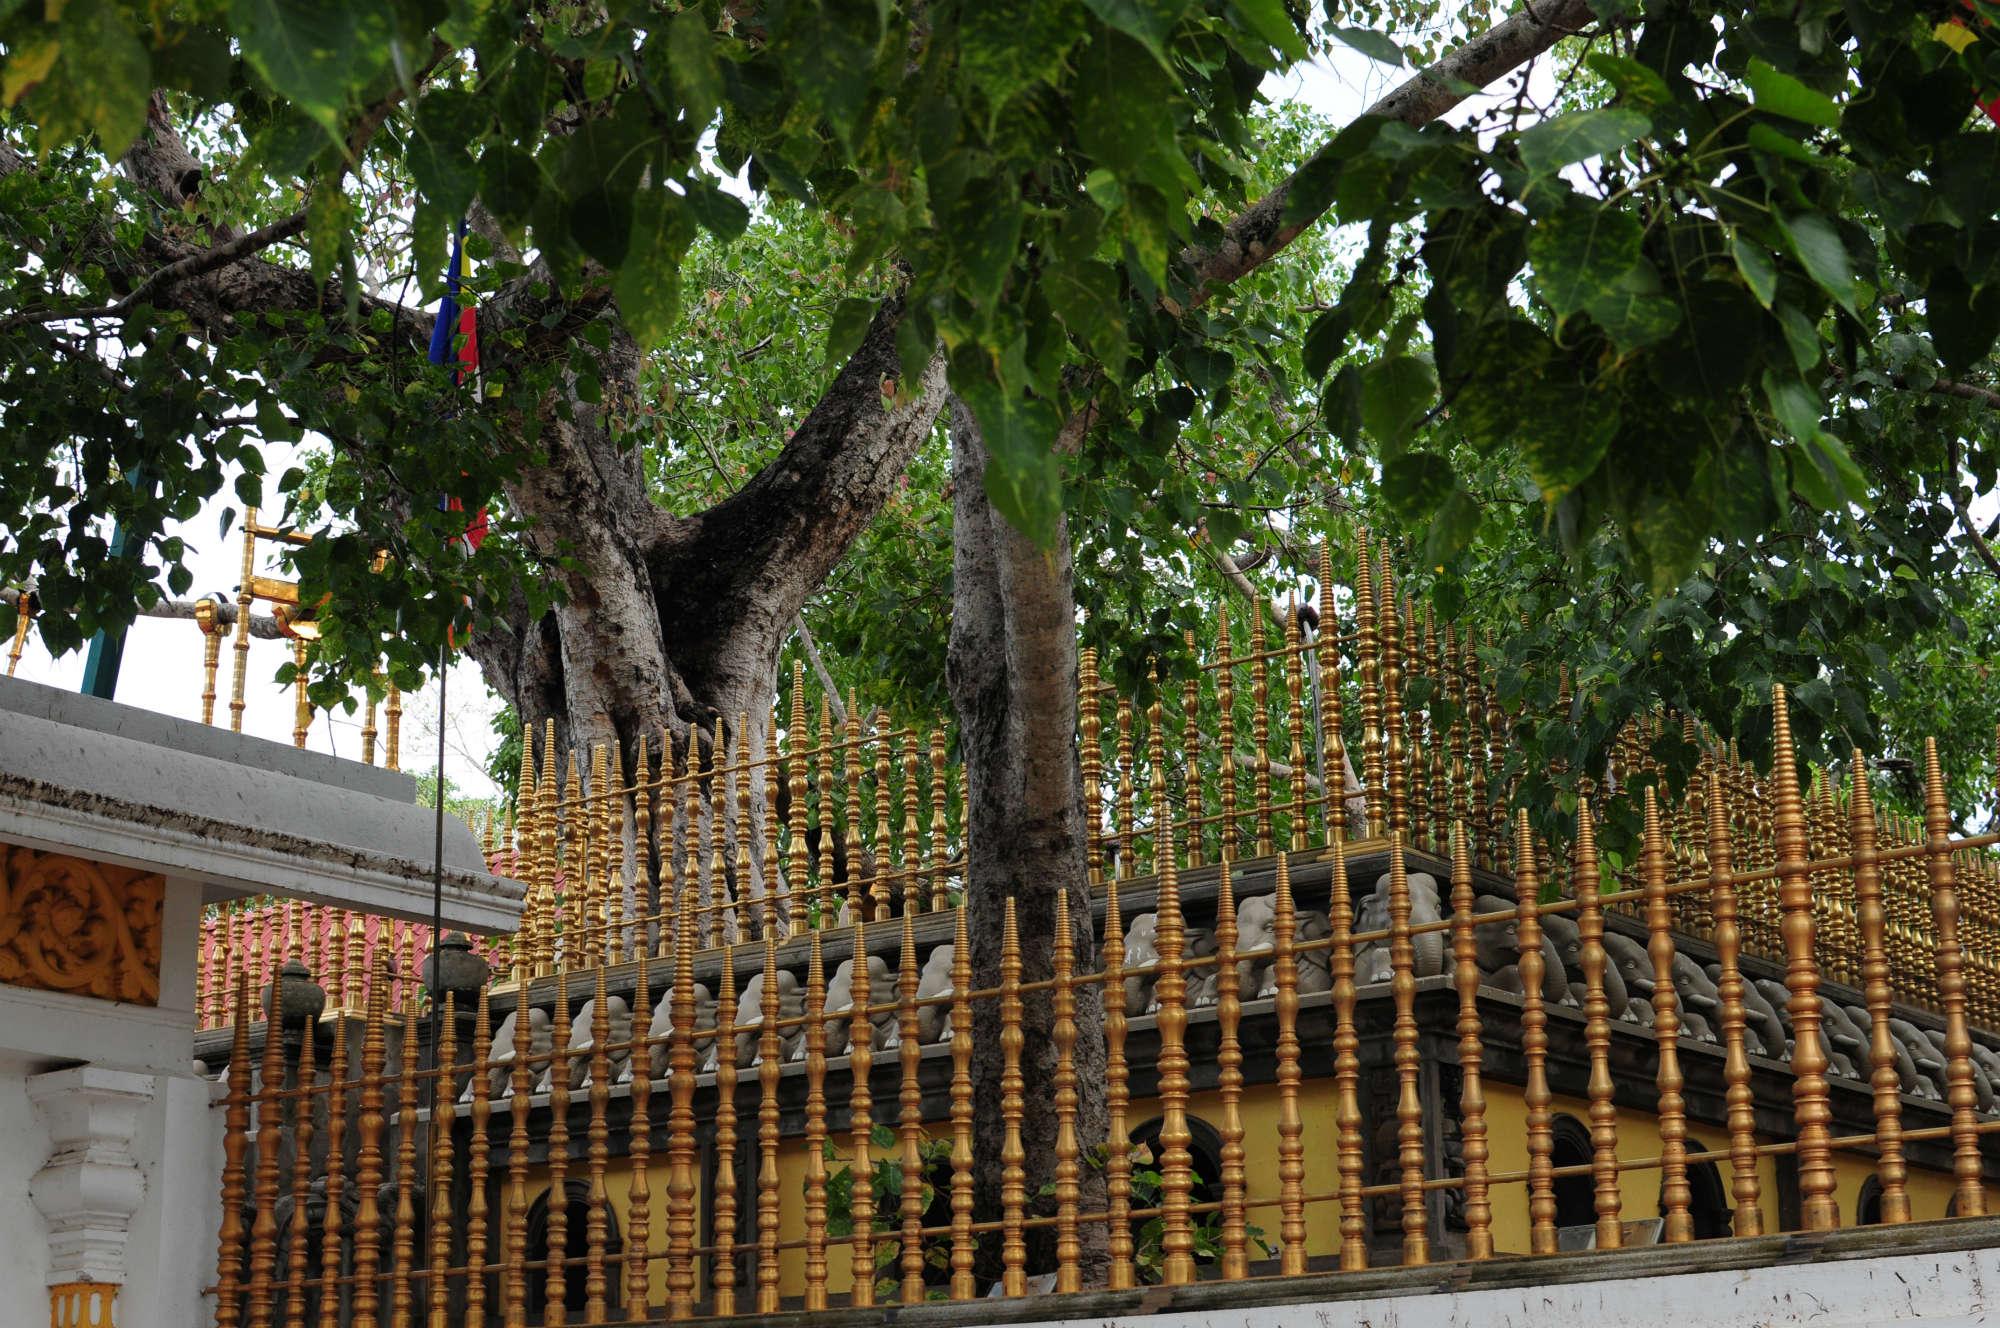 聖地アヌラーダプラ/Anuradhapura